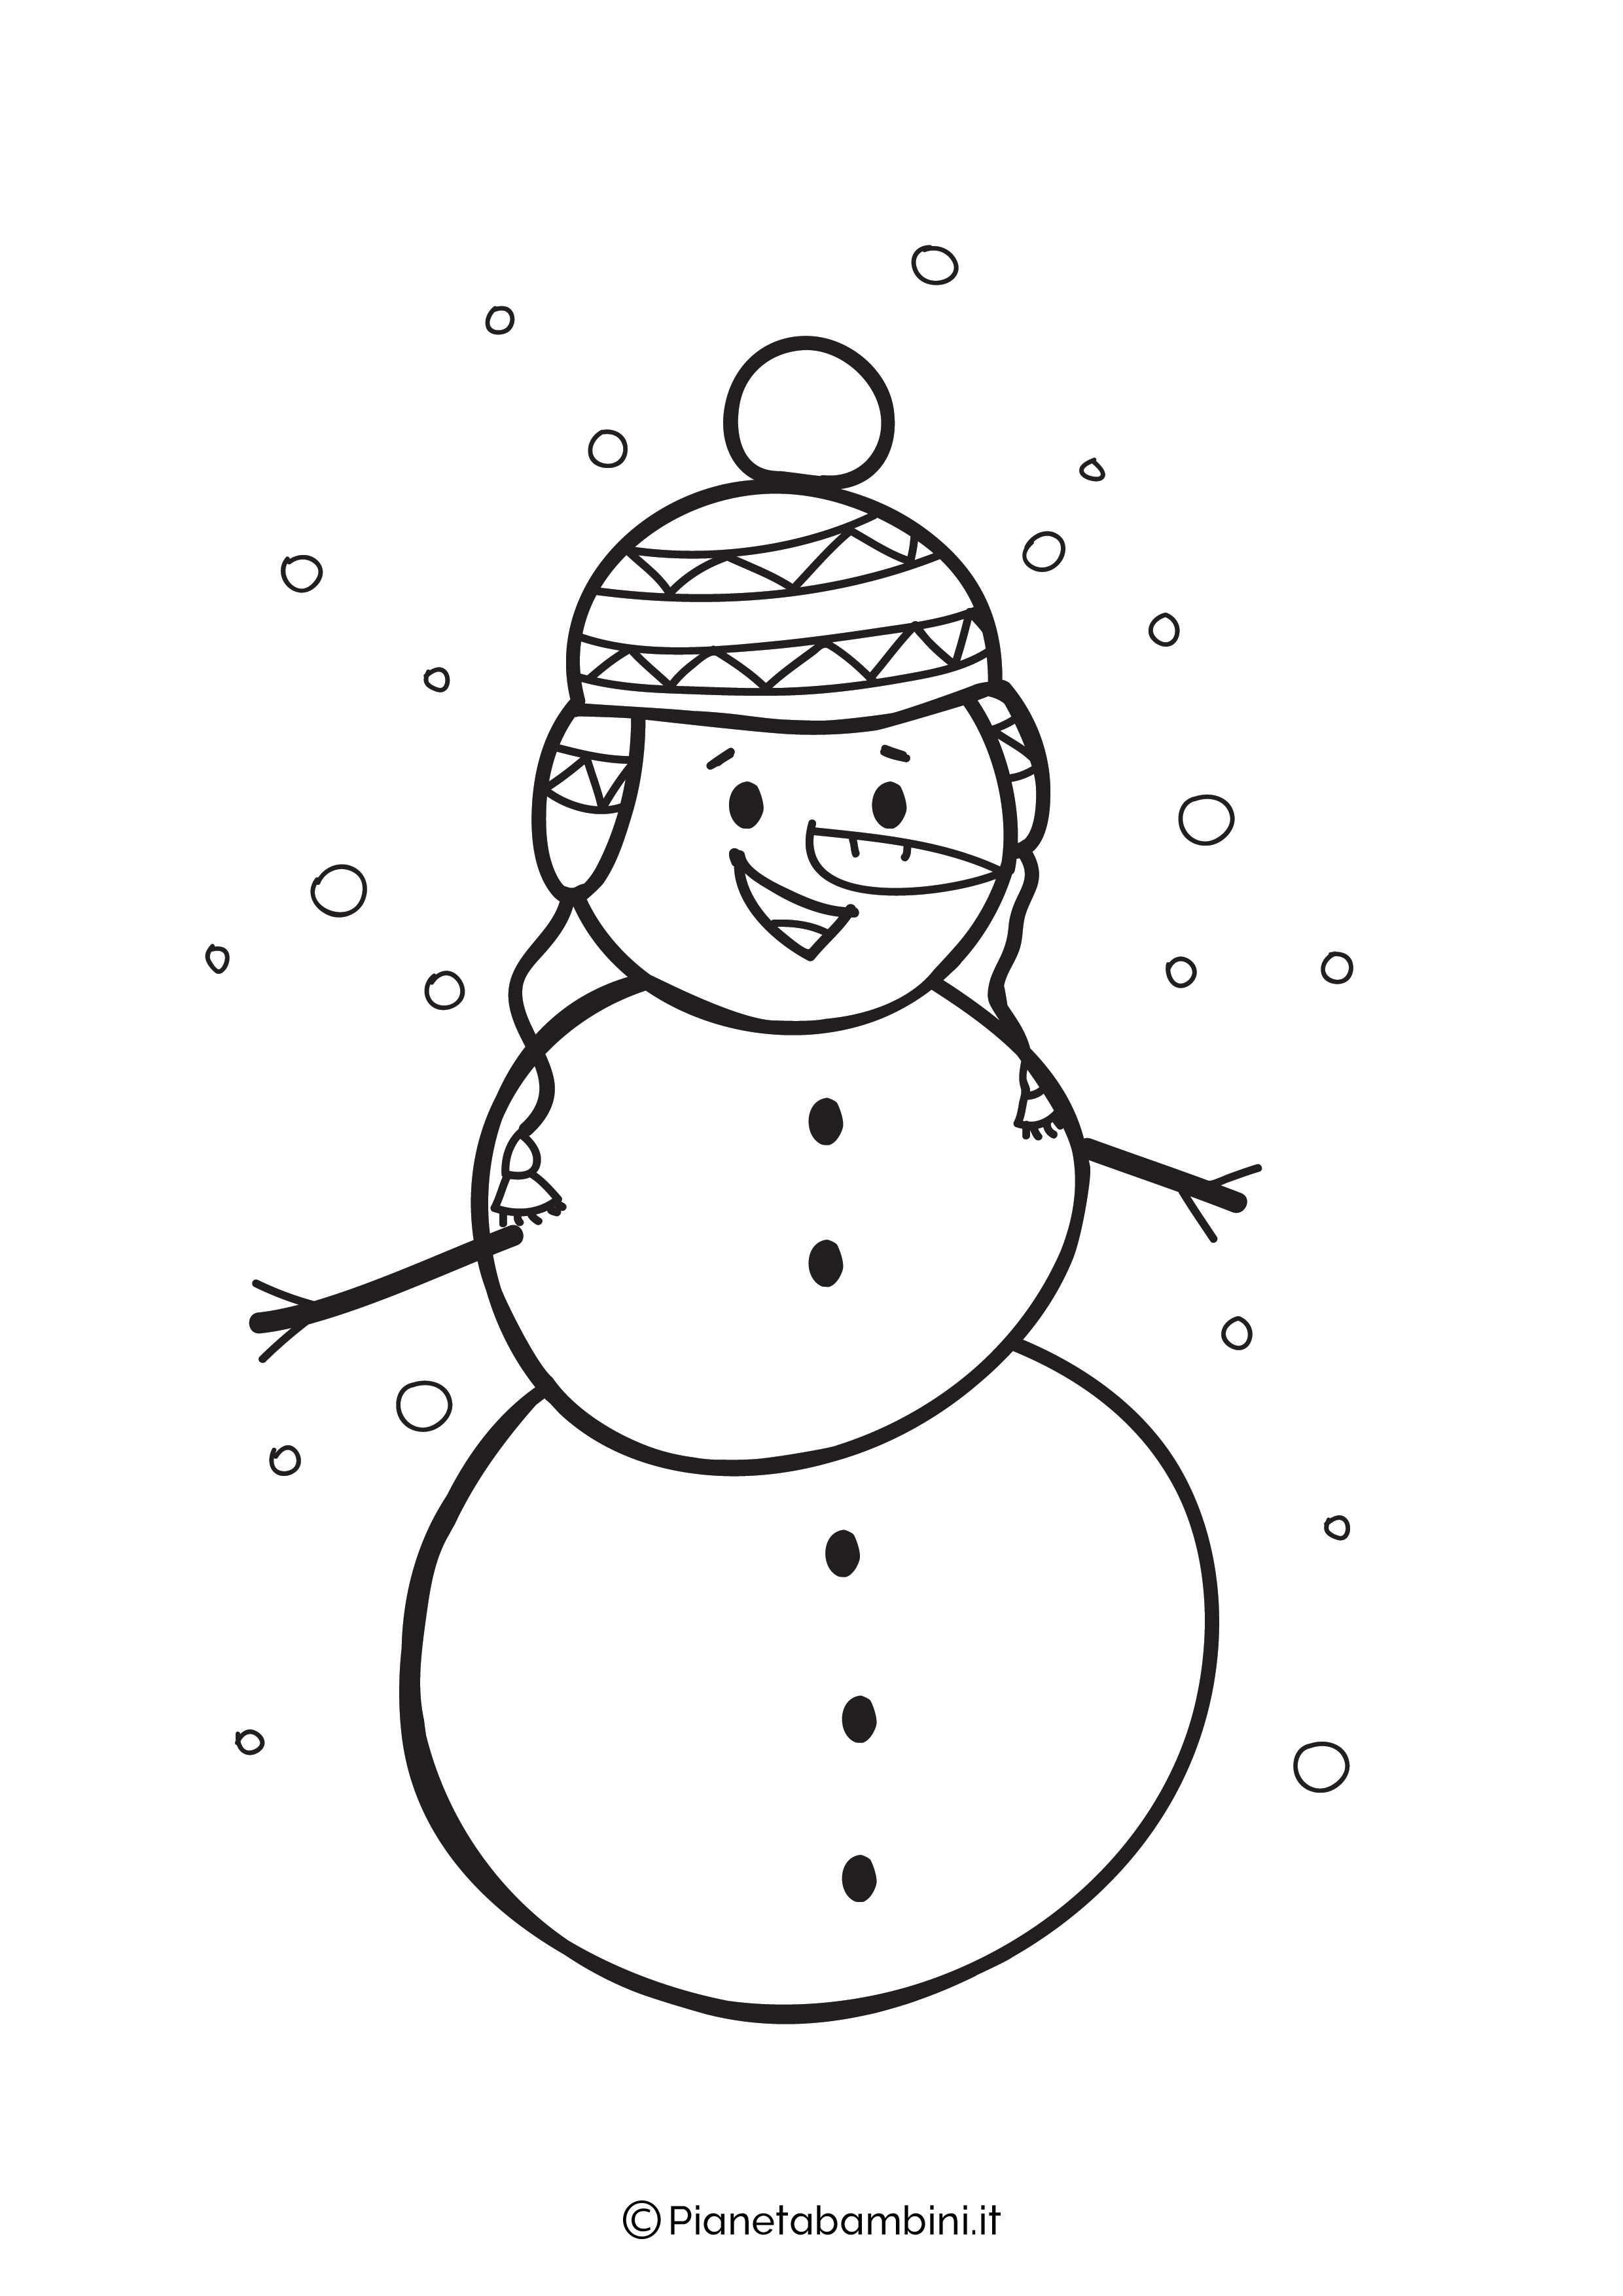 Disegno pupazzo di neve da colorare 05